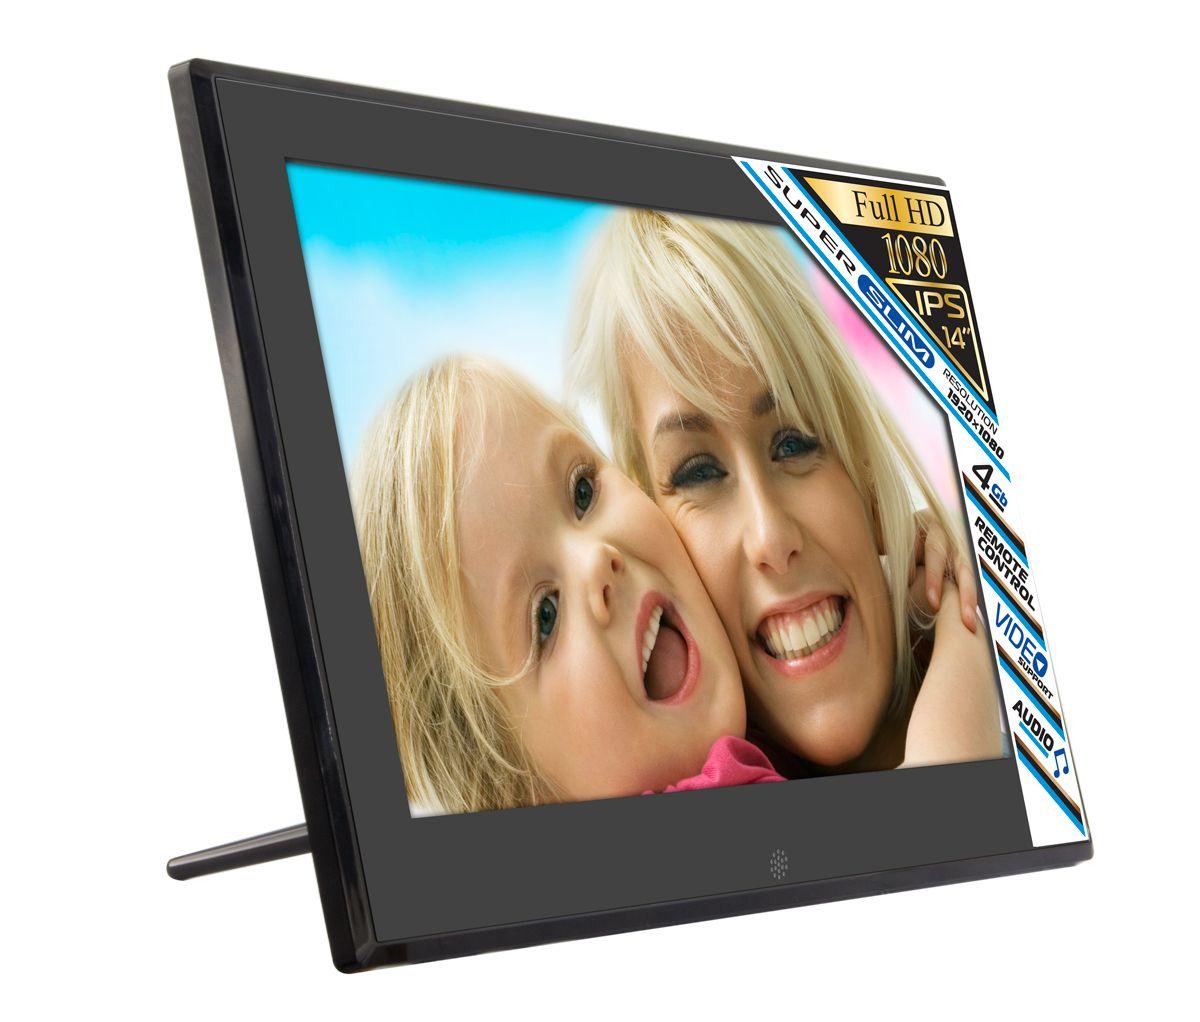 Rekam VisaVis L-147 цифровая фоторамка2103000140VisaVis 147 – цифровая рамка с большим экраном (14,0) в стильном, тонком корпусе. Благодаря поддержке самых распространенных мультимедийных форматов фоторамку можно использовать для просмотра видеороликов. Звук может выводиться через наушники или встроенные динамики. 4 Гб встроенной памяти хватает для хранения большого объема данных. При необходимости память может быть расширена при помощи съемных карт памяти до 32 Гб. Конструкция рамки позволяет установить ее на столе или повесить на стену. Высокое разрешение экрана (1920x1080 пикселей) позволяет изображению отлично выглядеть вблизи и на расстоянии. Пульт дистанционного управления делает работу с устройством очень удобной. Режим слайд-шоу с большим набором эффектов превратит любой фотоархив в яркую презентацию.